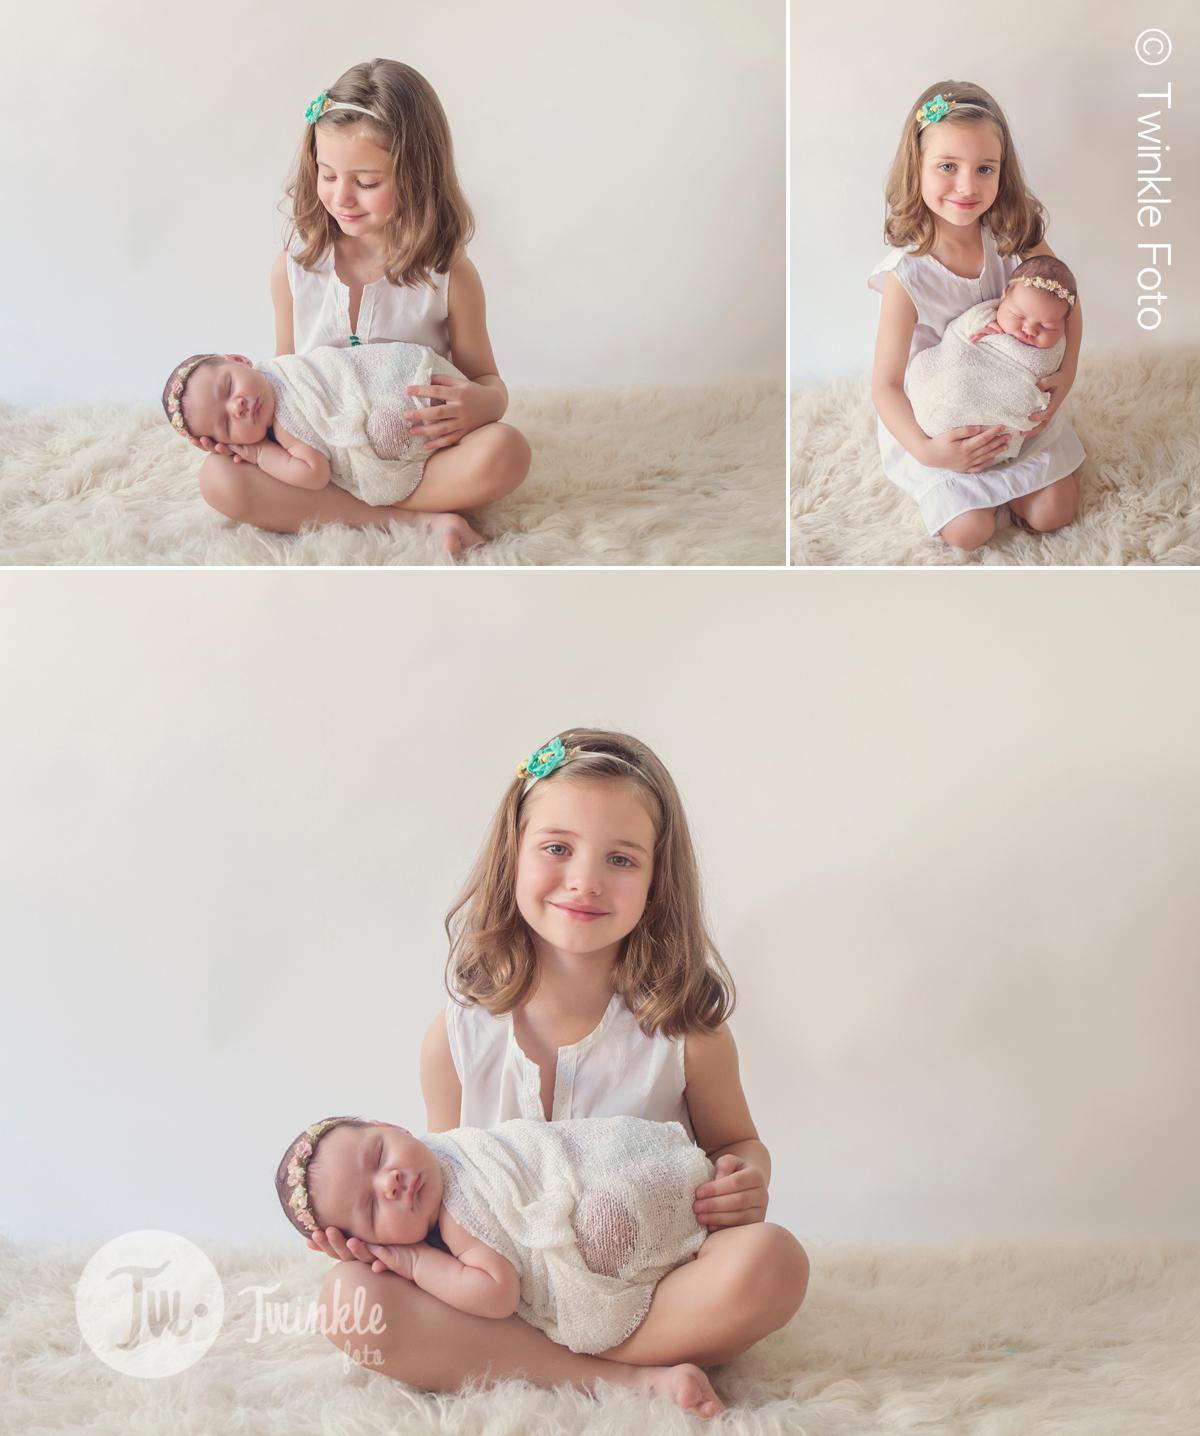 fotos_bebe_recien_nacido_valencia_newborn_elena02